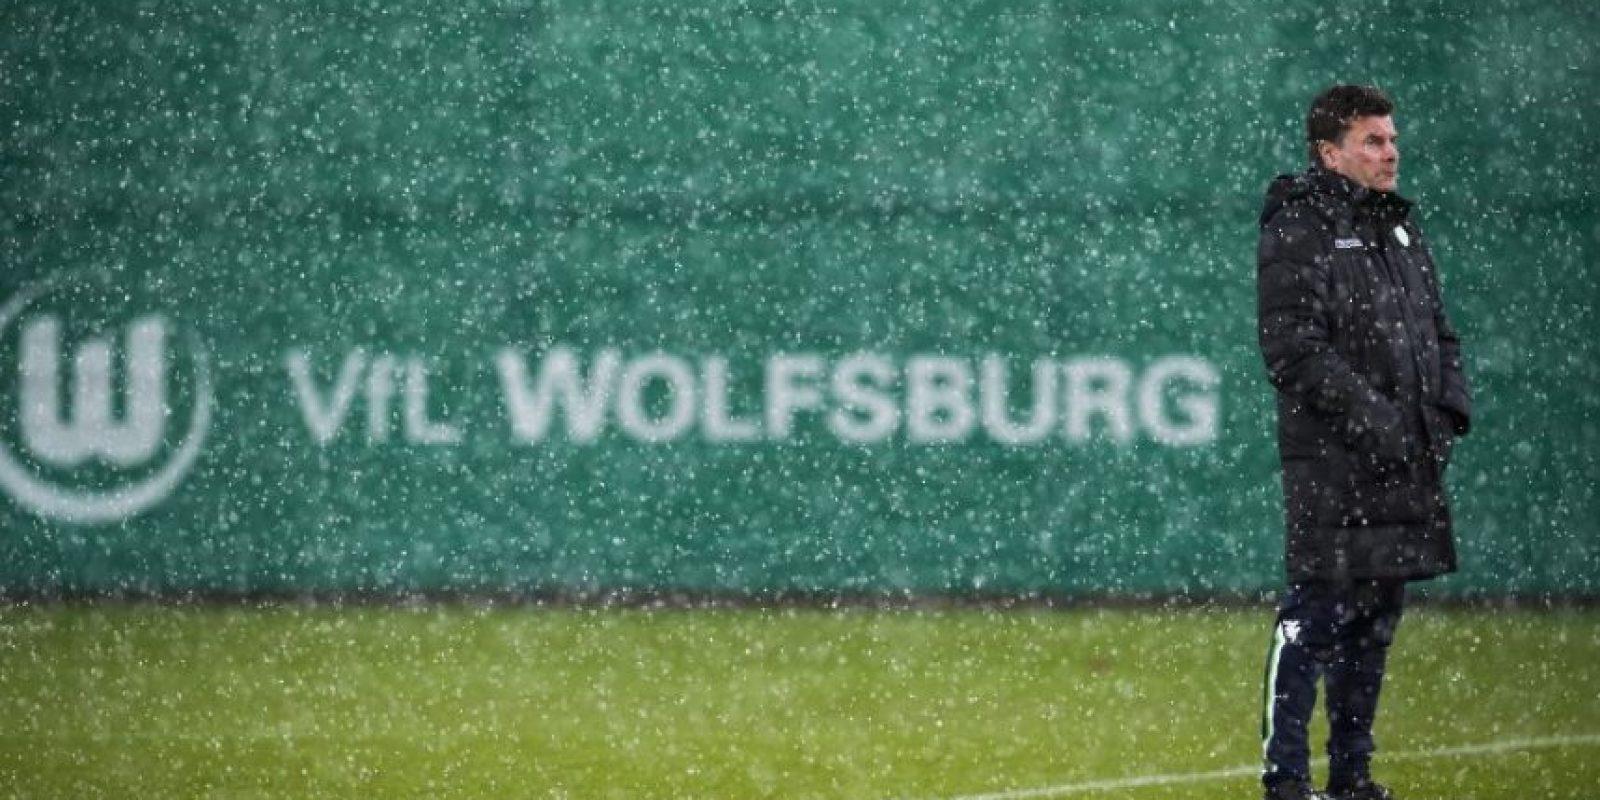 El técnico del Wolfsburg, Dieter Hecking, durante un entrenamiento previo a un partido de Champions. Foto:AFP